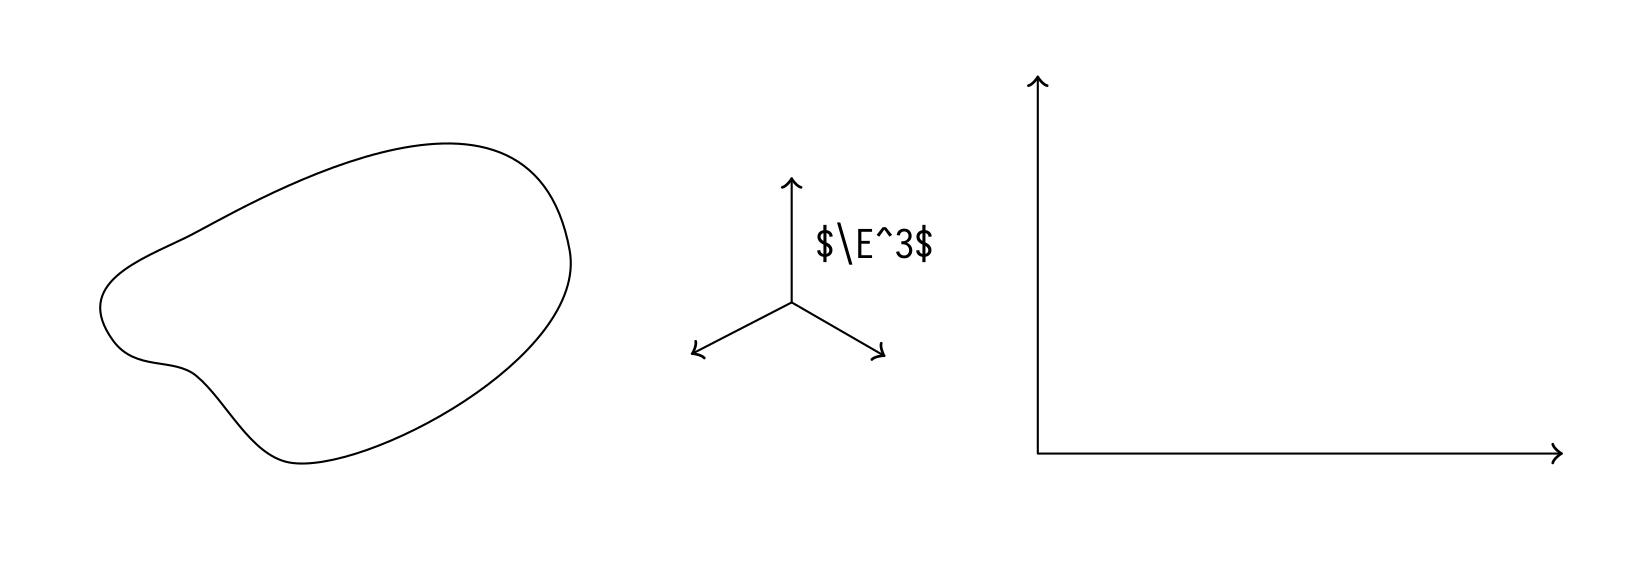 Как я рисую иллюстрации для конспектов по математике в Inkscape - 25